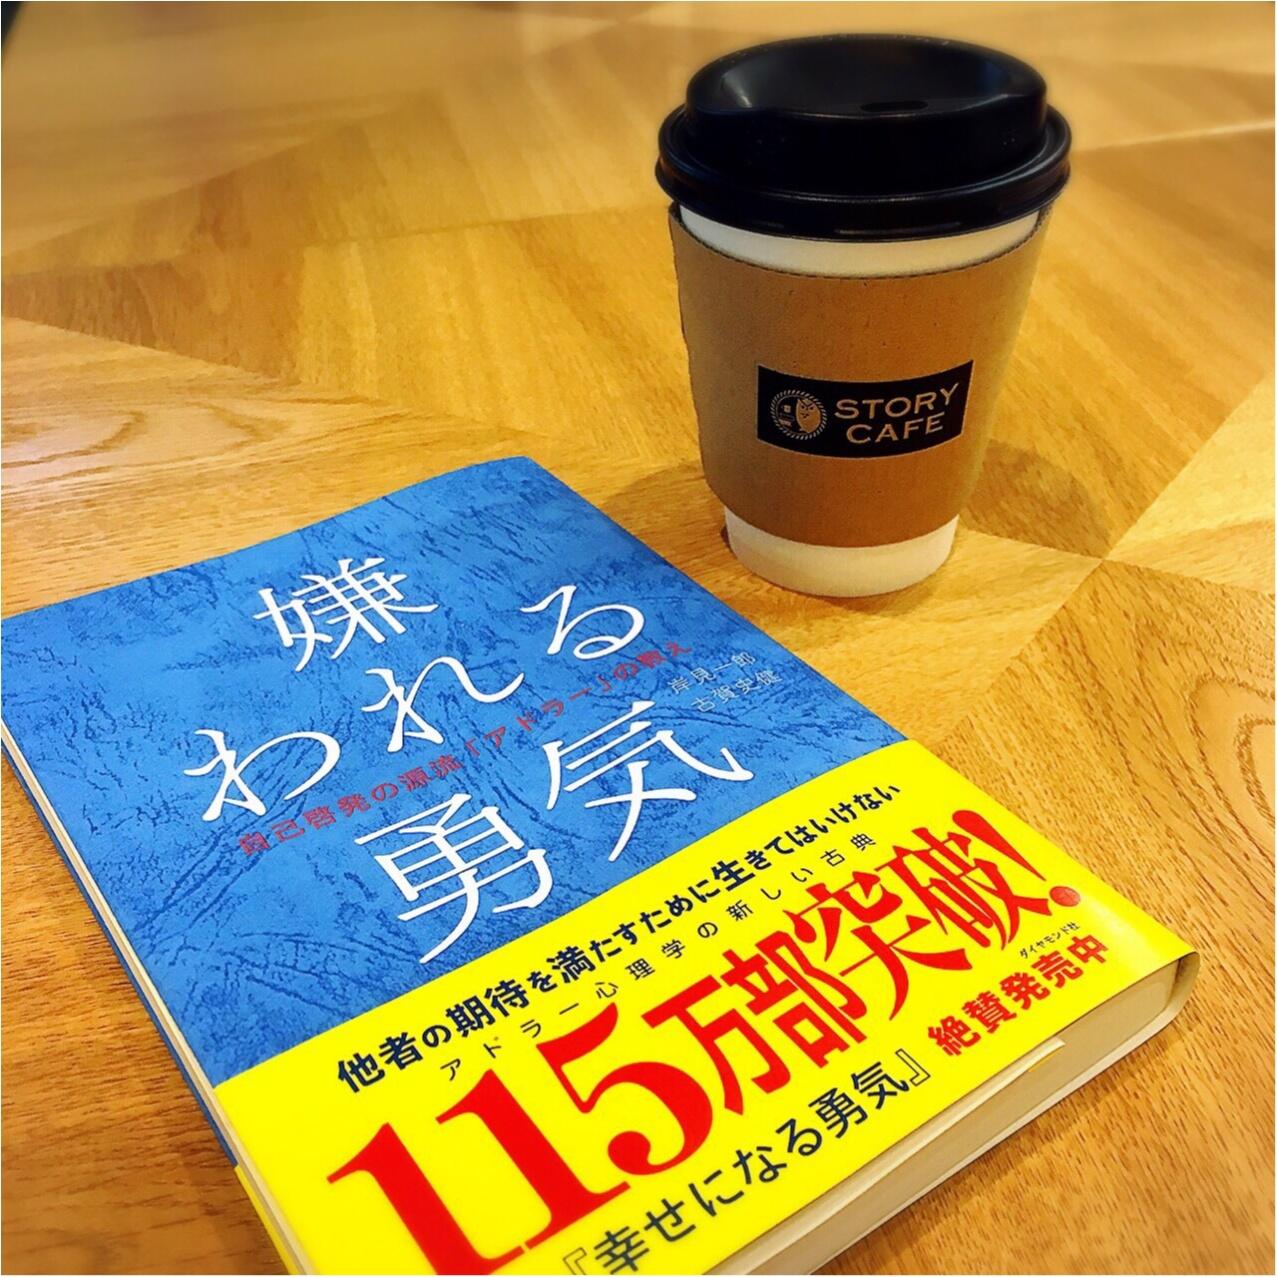 ◎秋葉原でゆっくりカフェタイム  購入前の本が読めるstory cafe♡嬉しいフリーWiFiも完備♡♡_3